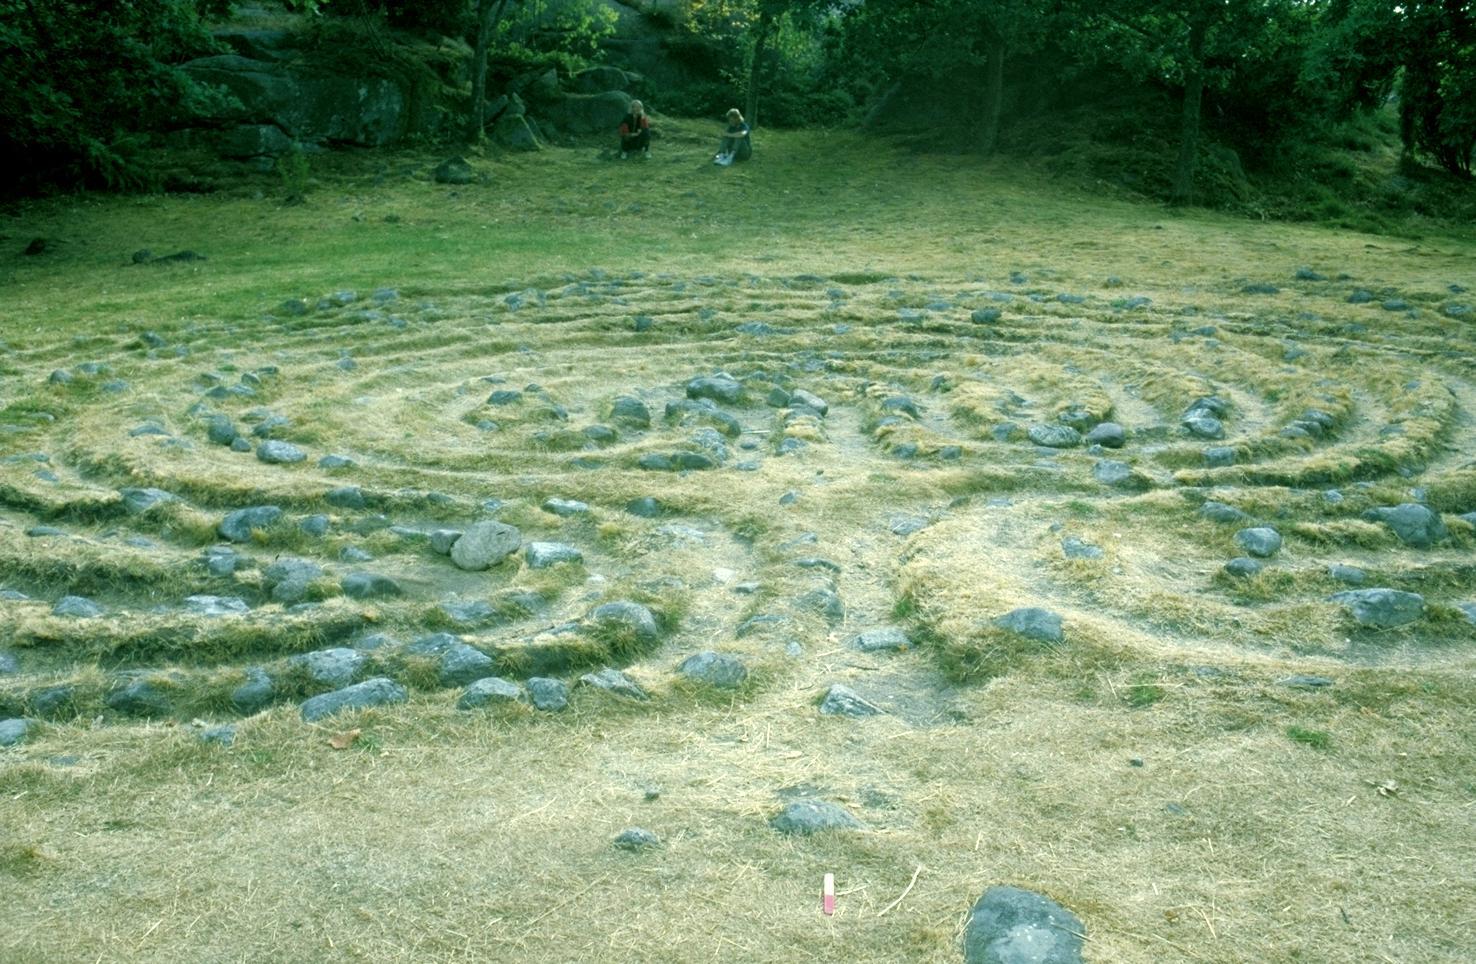 Das Original-Labyrinth der Grafiken - Im Volksbrauchtum wird es auch als Tanzplatz beschrieben.